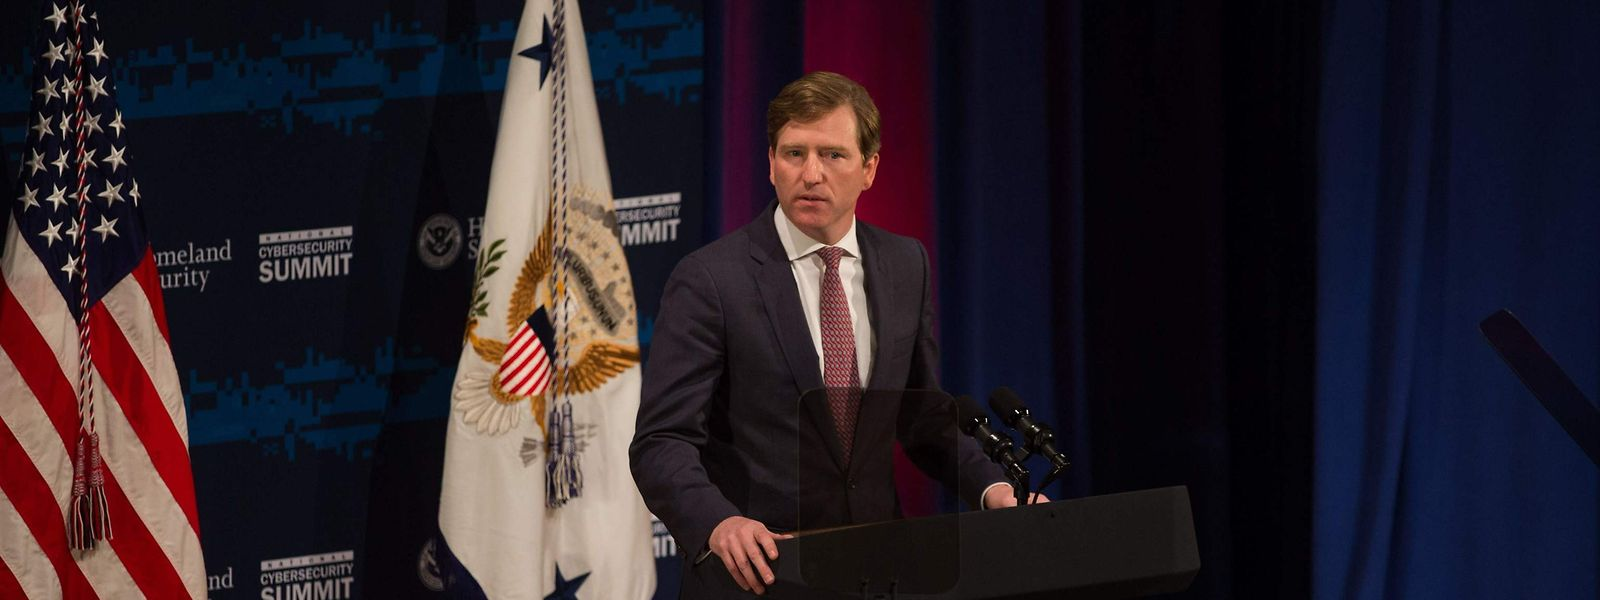 Chris Krebs, directeur de l'agence de cybersécurité et de sécurité, avait déclaré la semaine dernière que la présidentielle avait été «la plus sûre de l'histoire des Etats-Unis». Une affirmation qui n'a pas plu au président sortant.